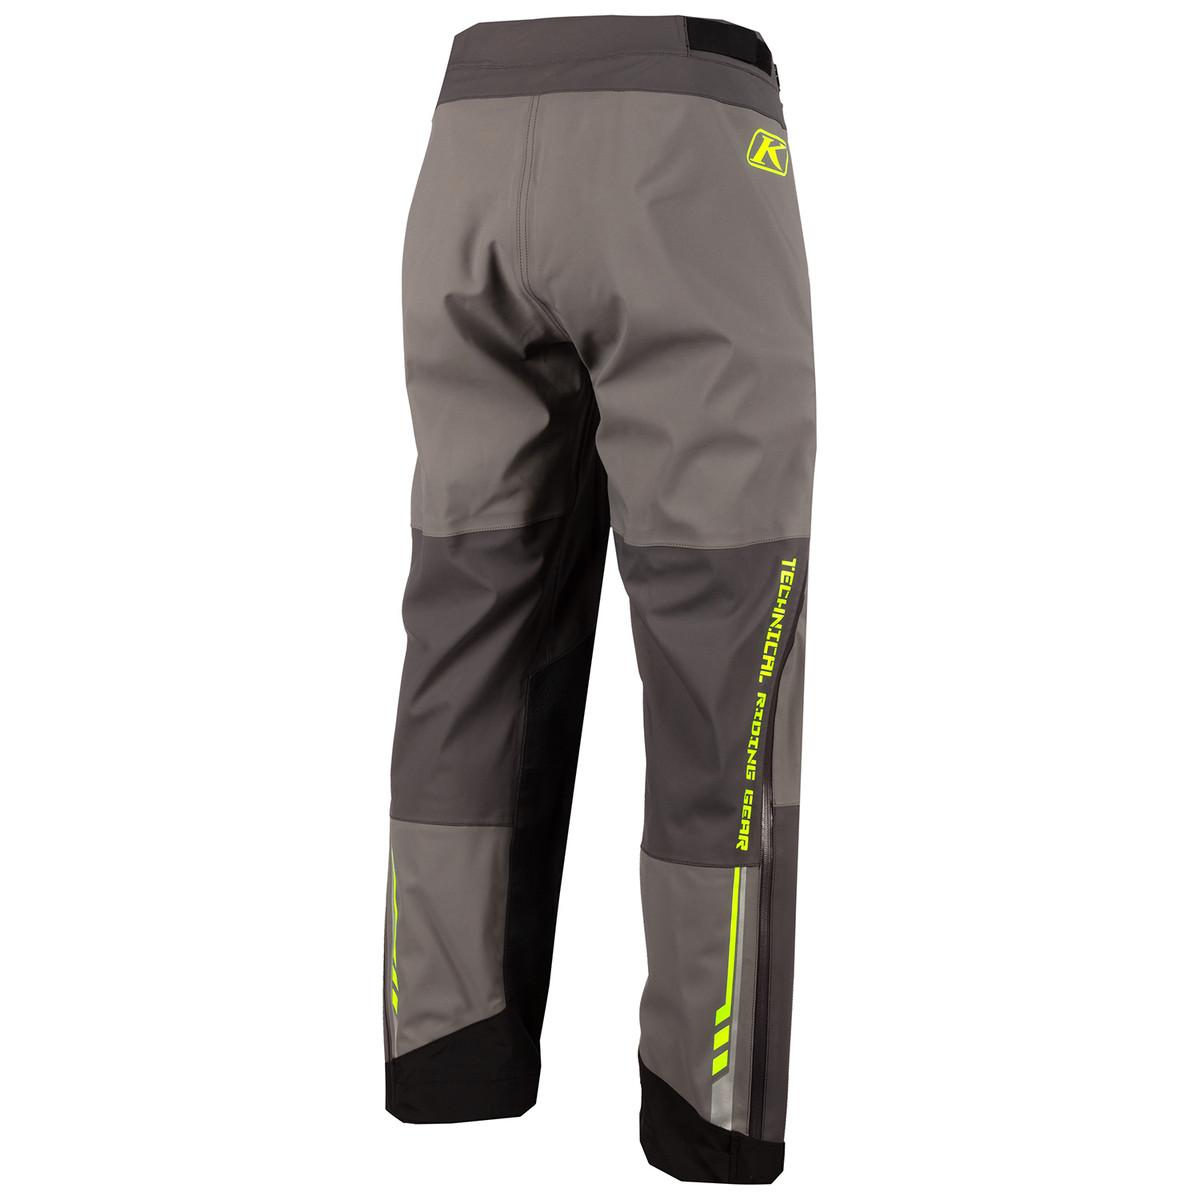 Enduro S4 Pants Castlerock Grey Electric Gekko Back